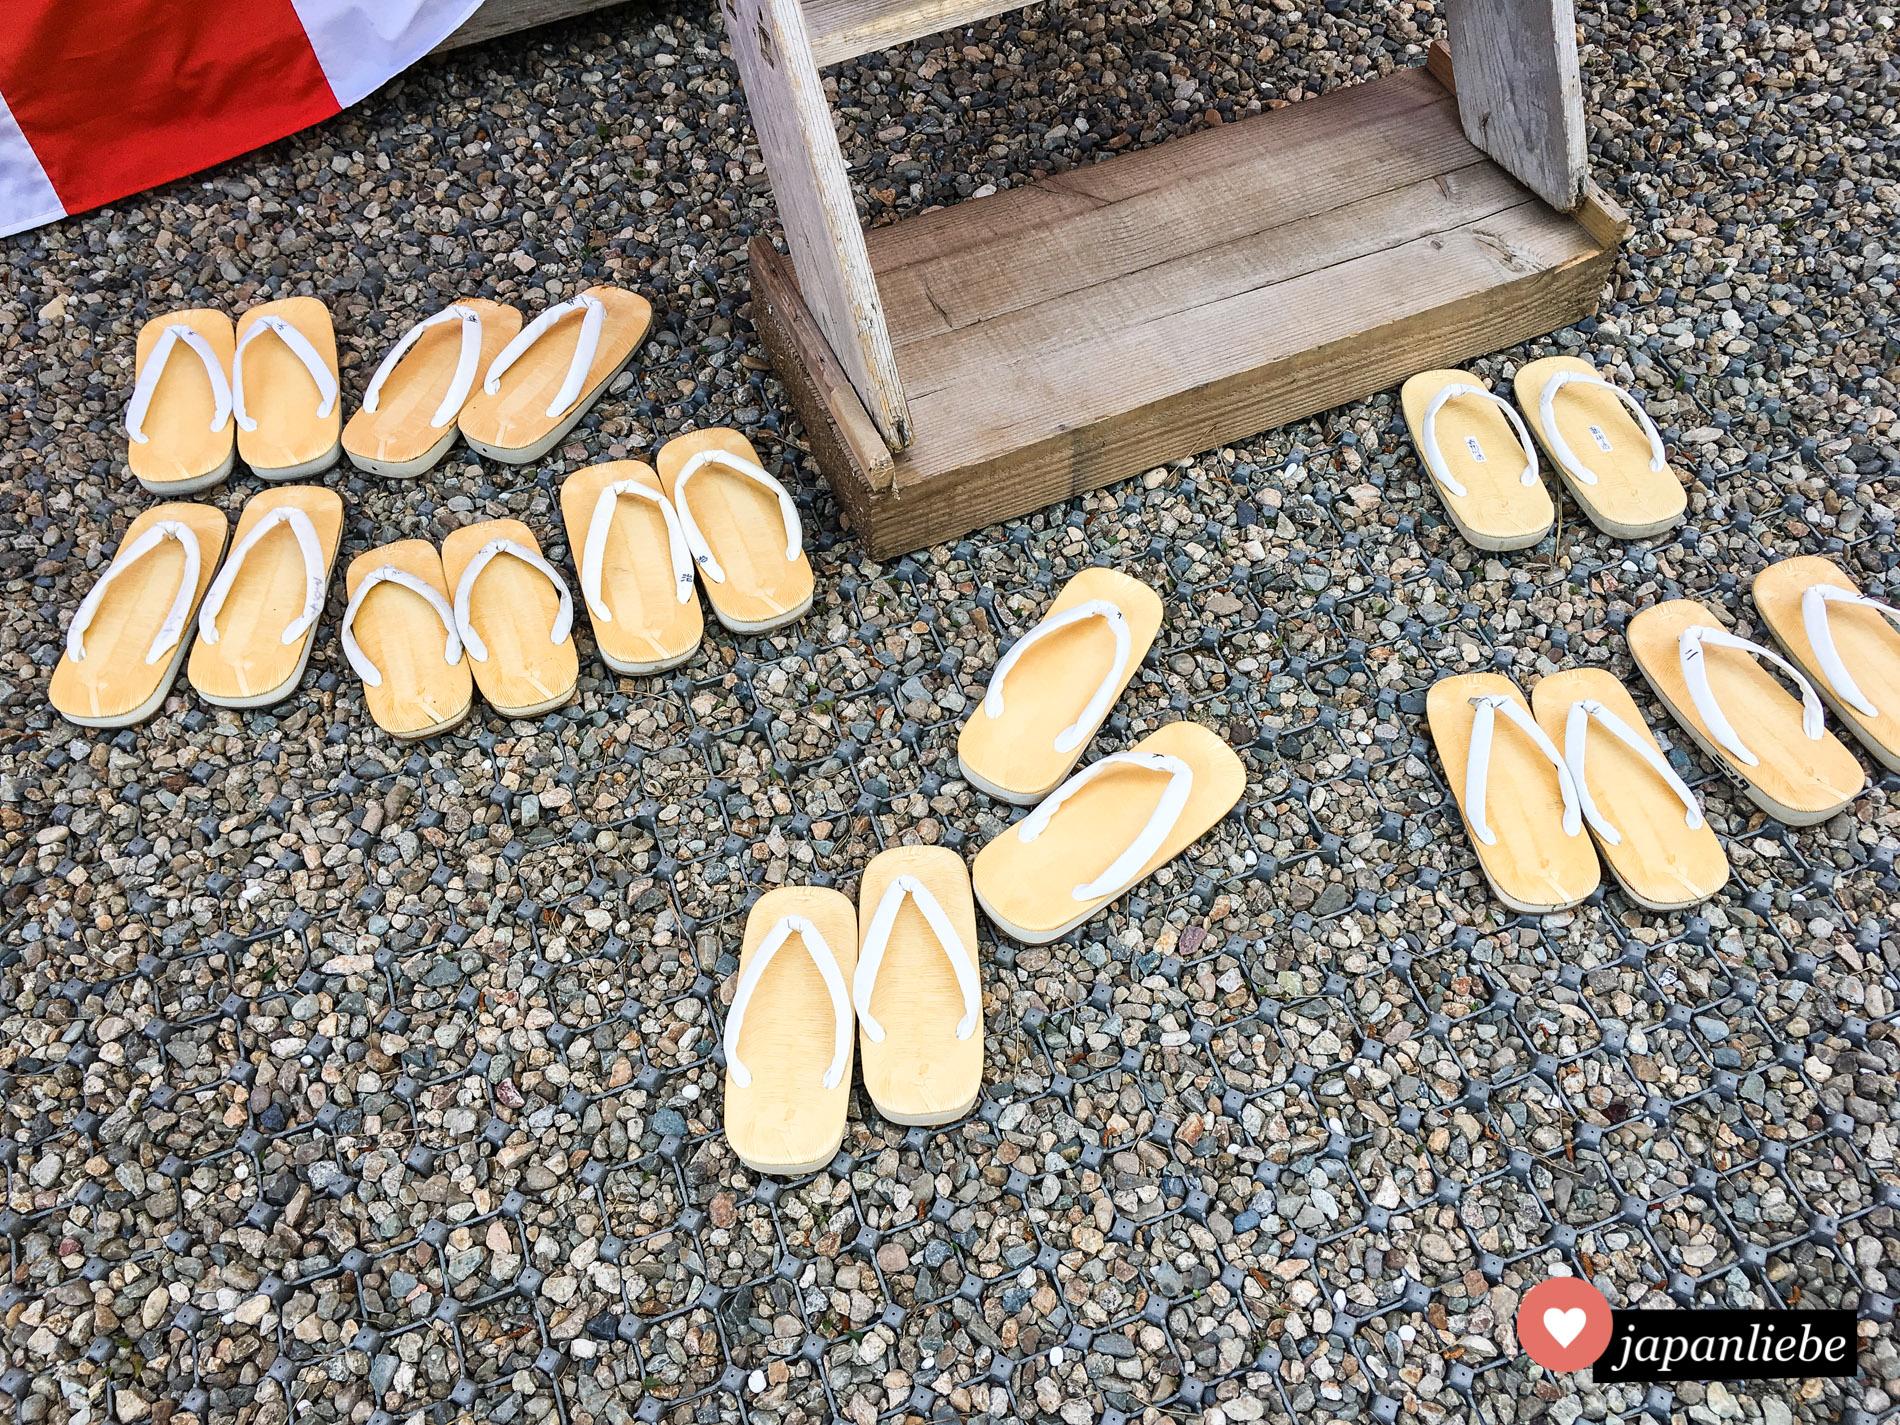 Eng mit geta Sandalen verwandt aber ohne Holzstege an den Sohlen: zori Sandalen.